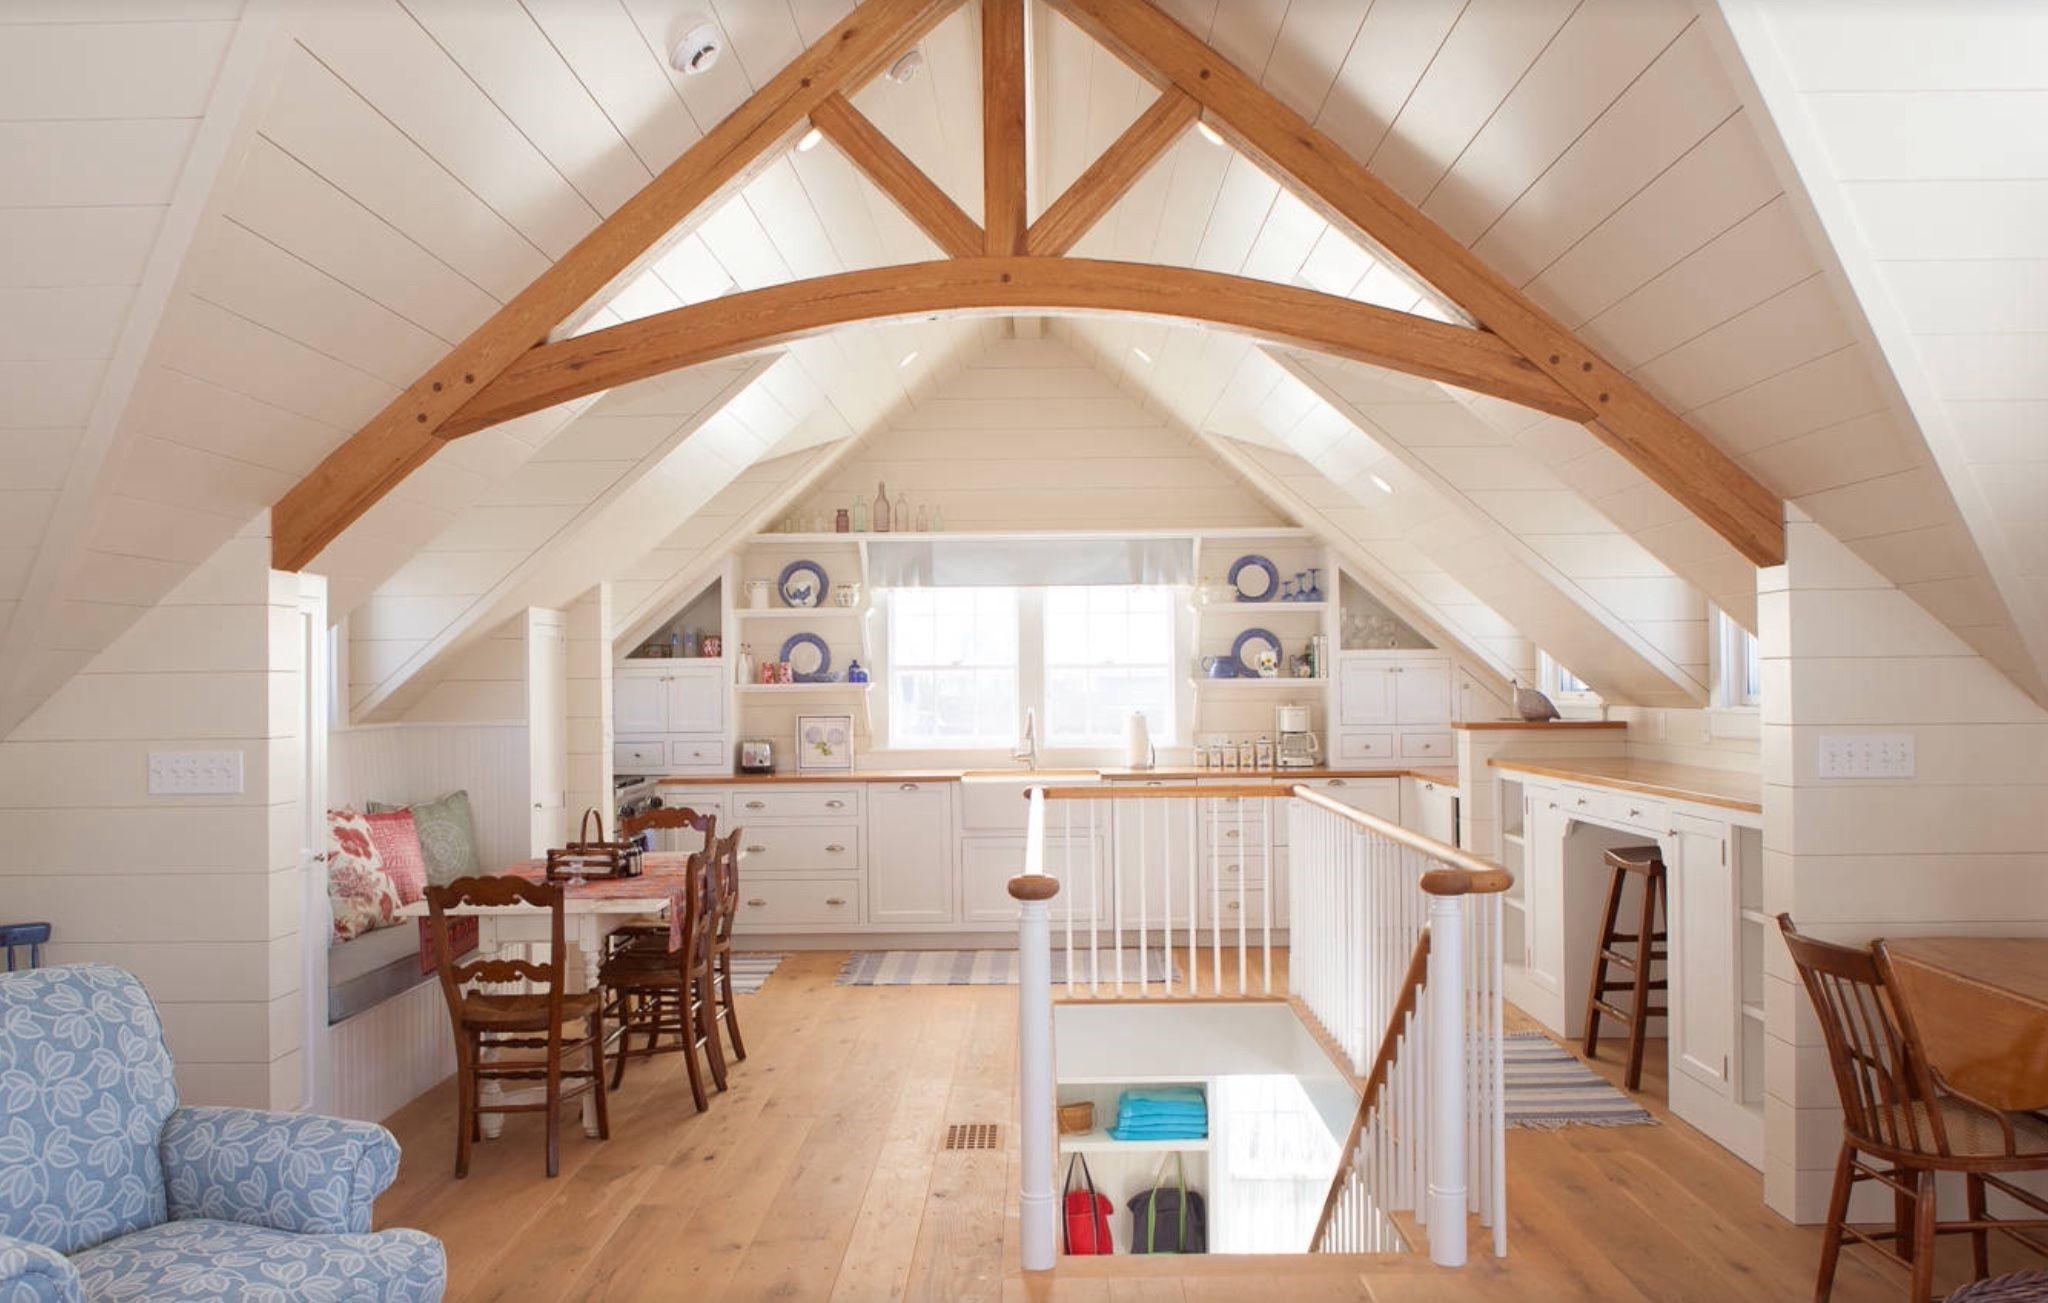 Les poutres structurelles sont l'accent principal de tout grenier, alors pourquoi ne pas en faire le point central de votre chambre mansardée?